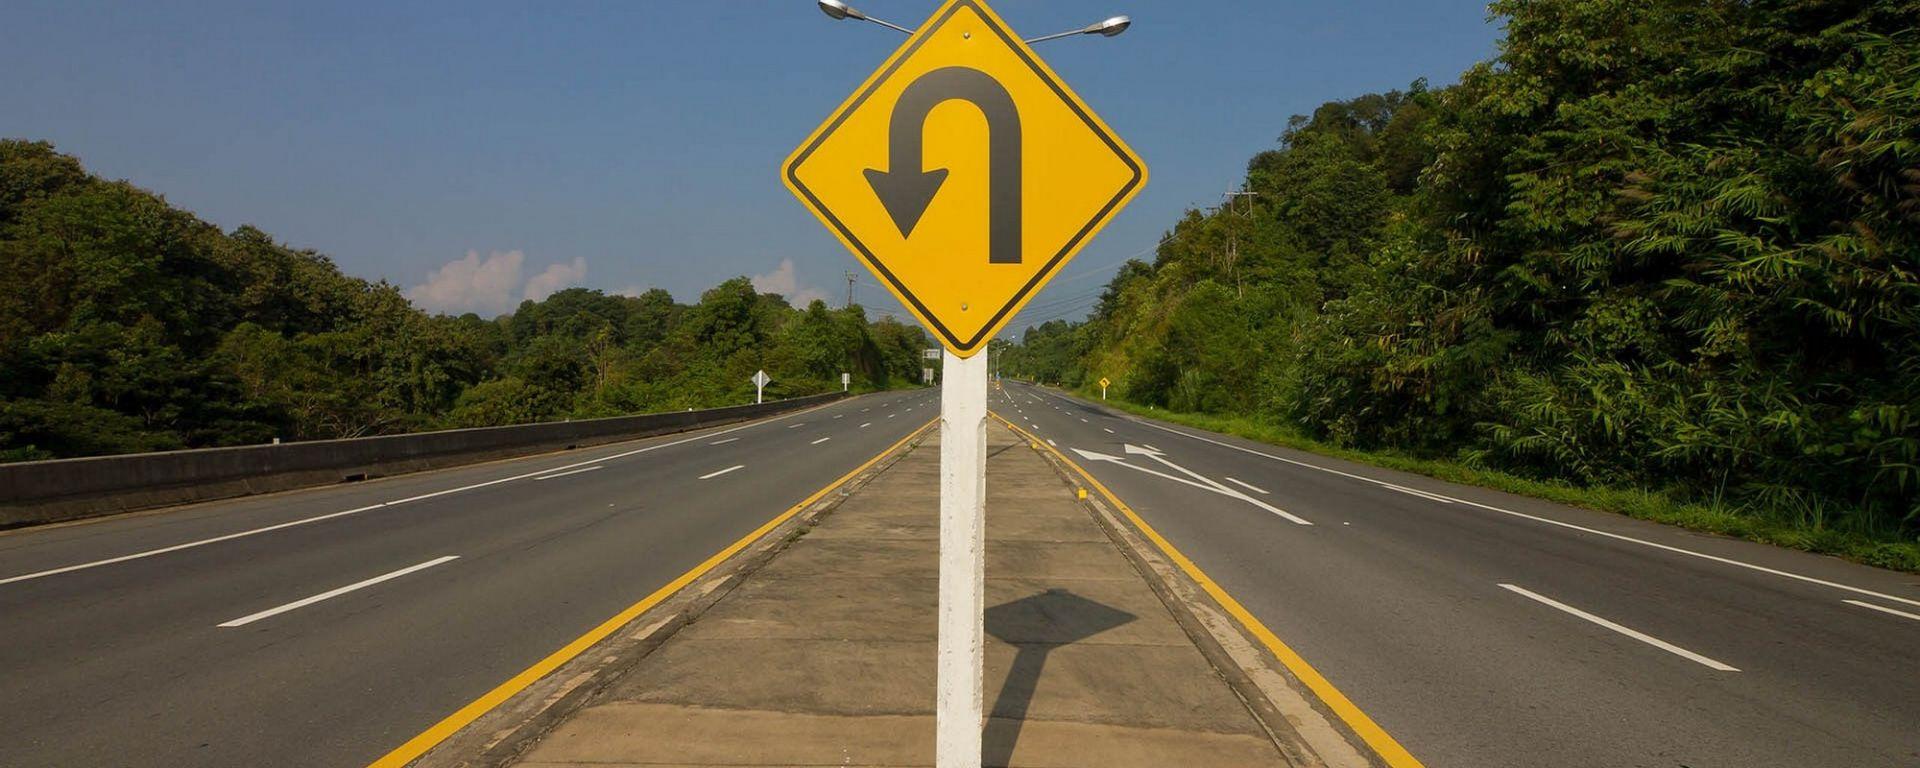 Incentivi auto e sovrattassa, il Governo fa inversione di marcia?